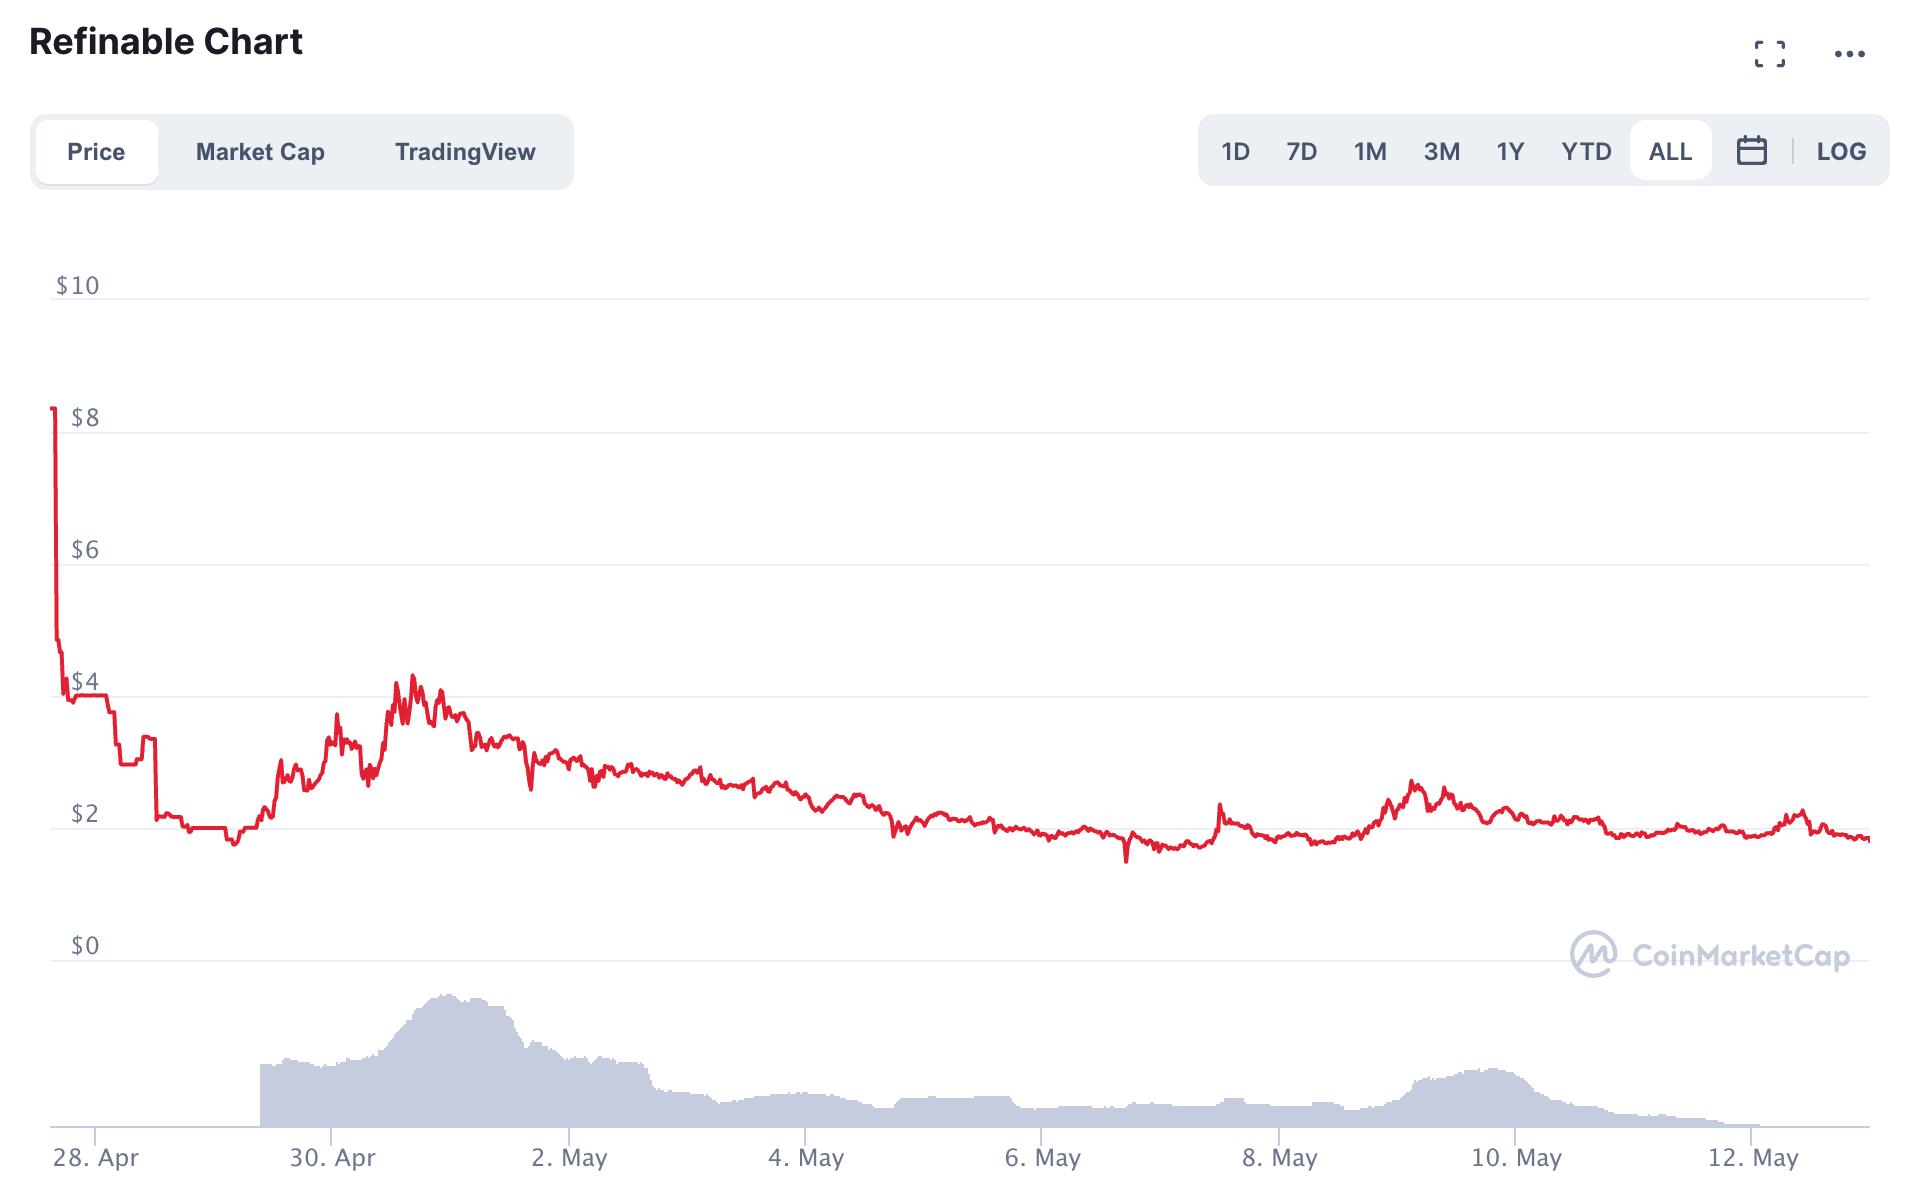 Refinable Chart